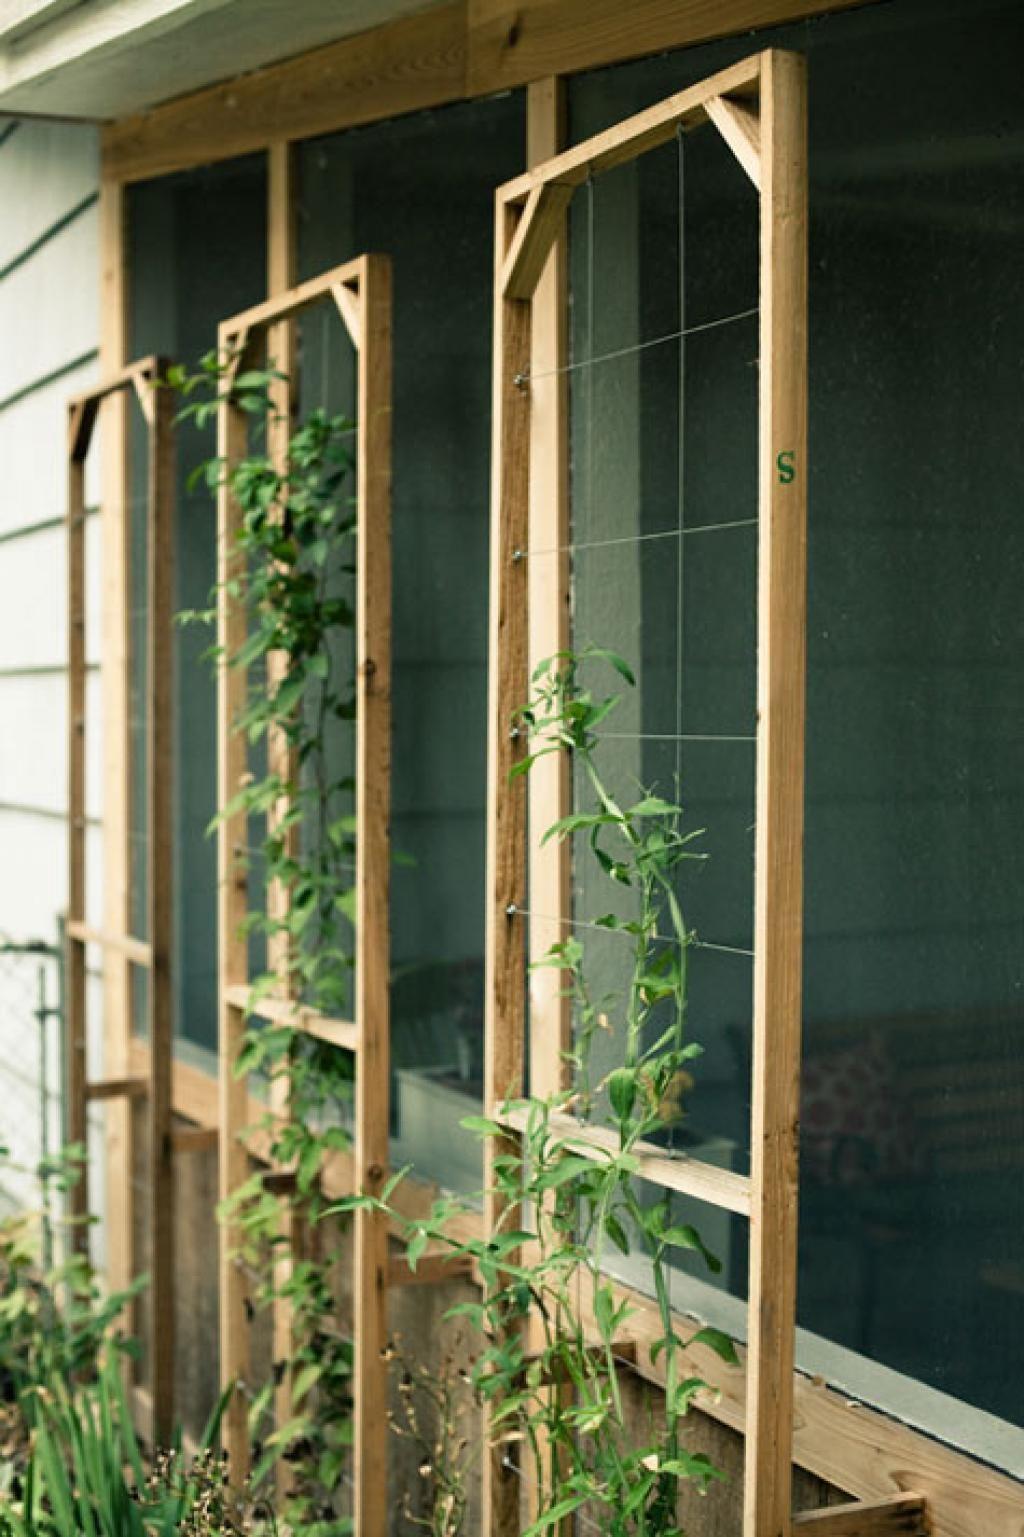 32 Ingenieuses Facons De Creer Votre Treillis De Jardin Avec Du Materiel Que Vous Avez Sous La Main Treillis Jardin Idees Jardin Jardins